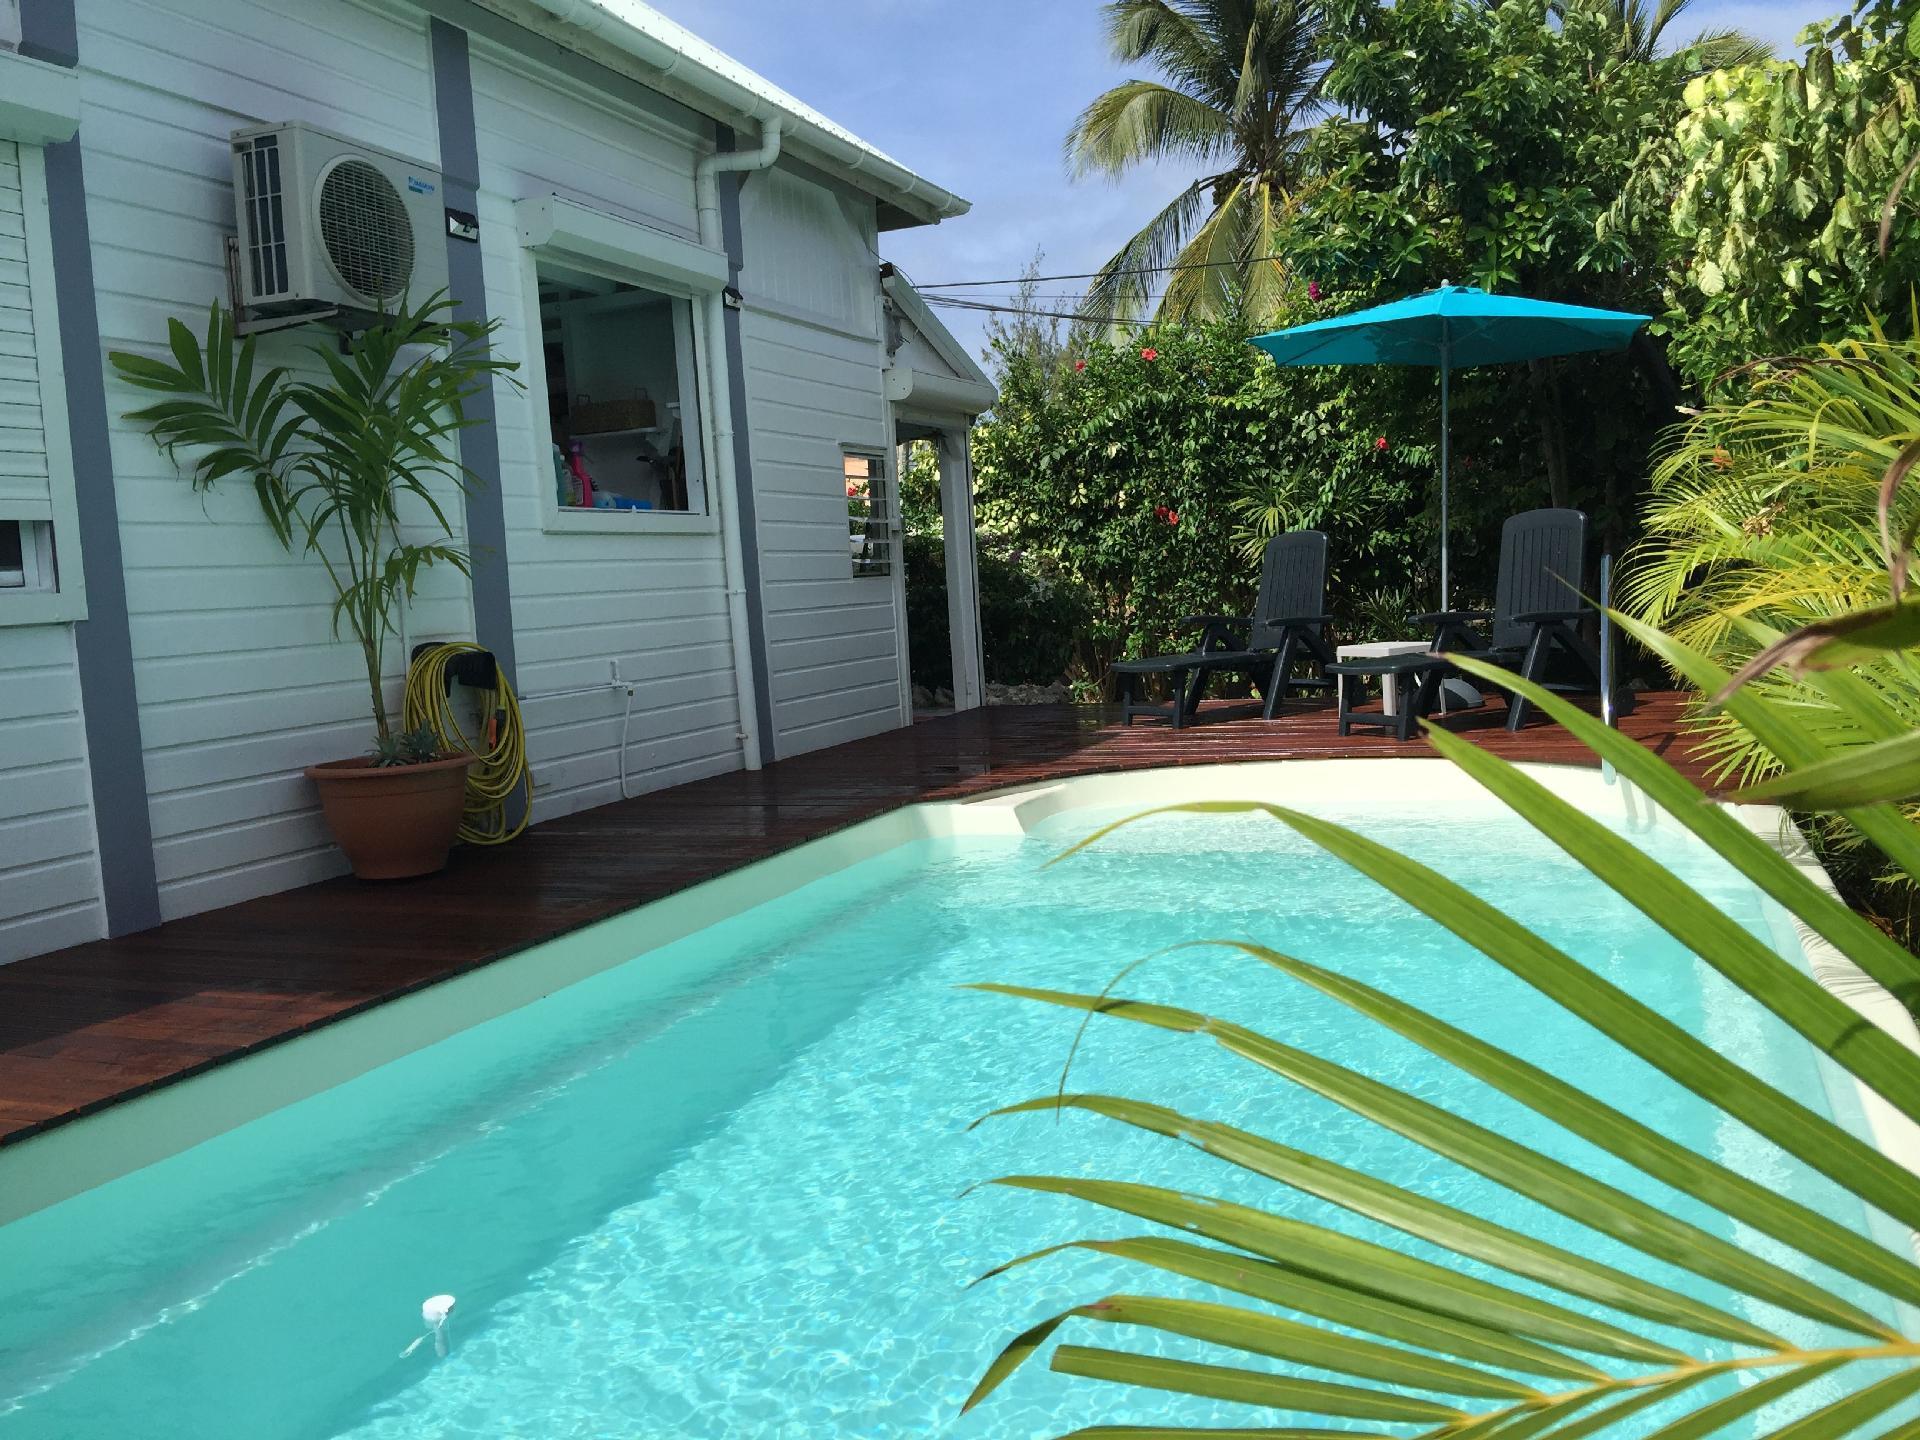 Ferienhaus mit Privatpool für 6 Personen ca.   in Mittelamerika und Karibik